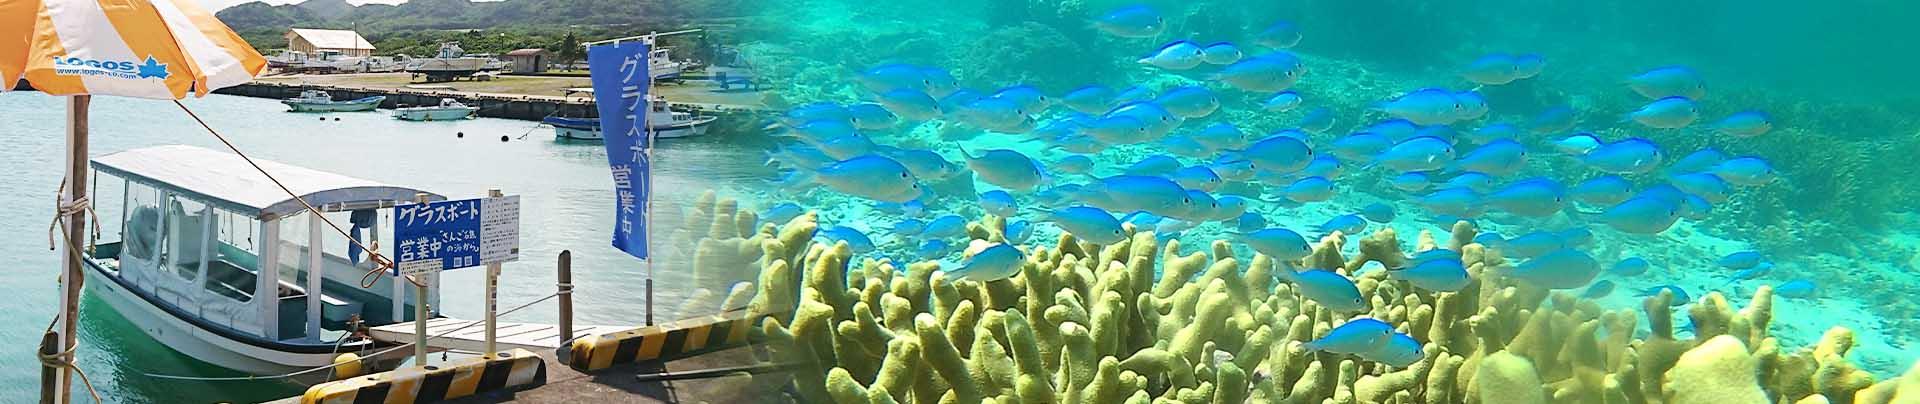 石垣島でグラスボート!さんご礁の海から